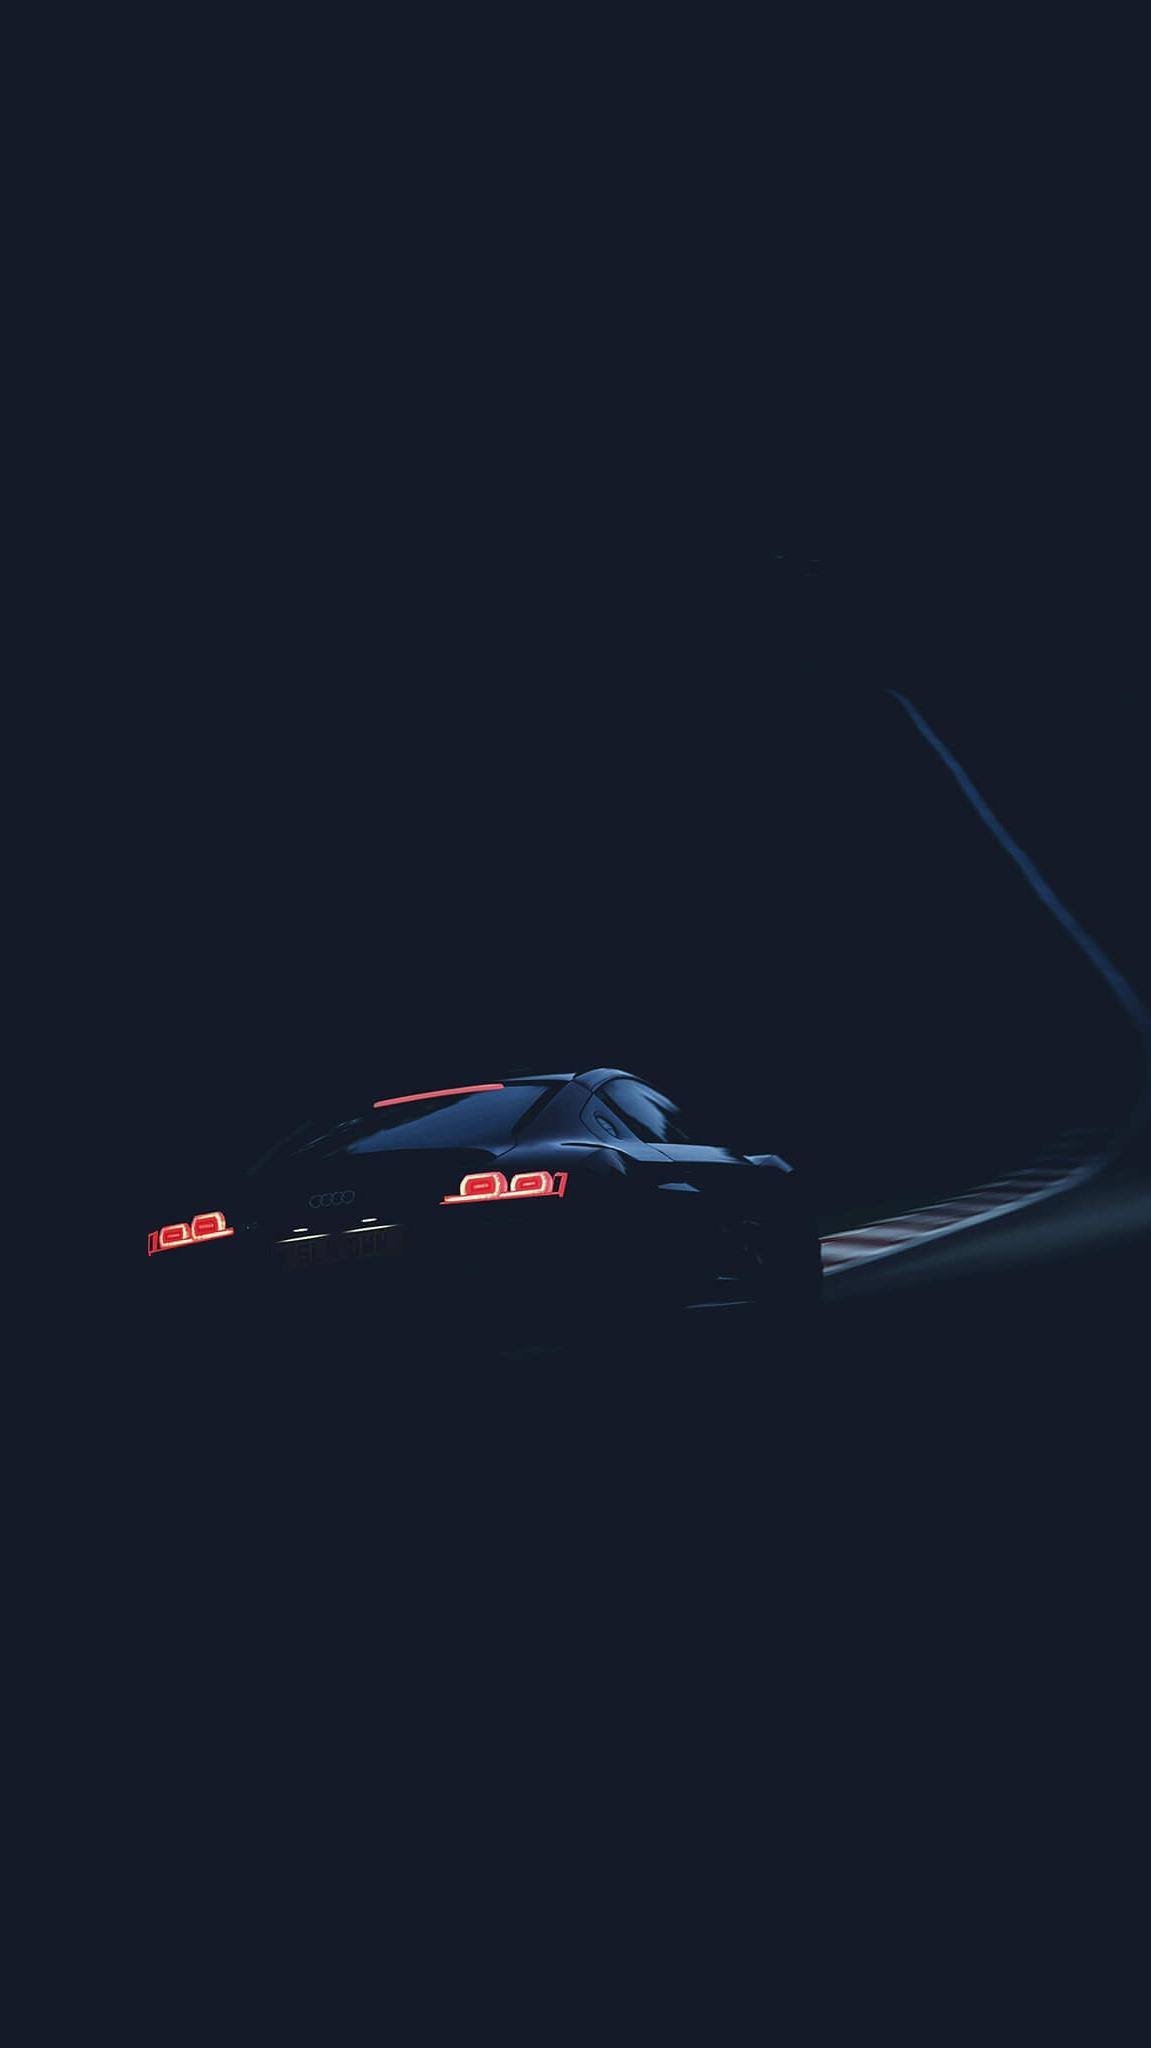 Audi R8 in Dark Night Road iPhone Wallpaper